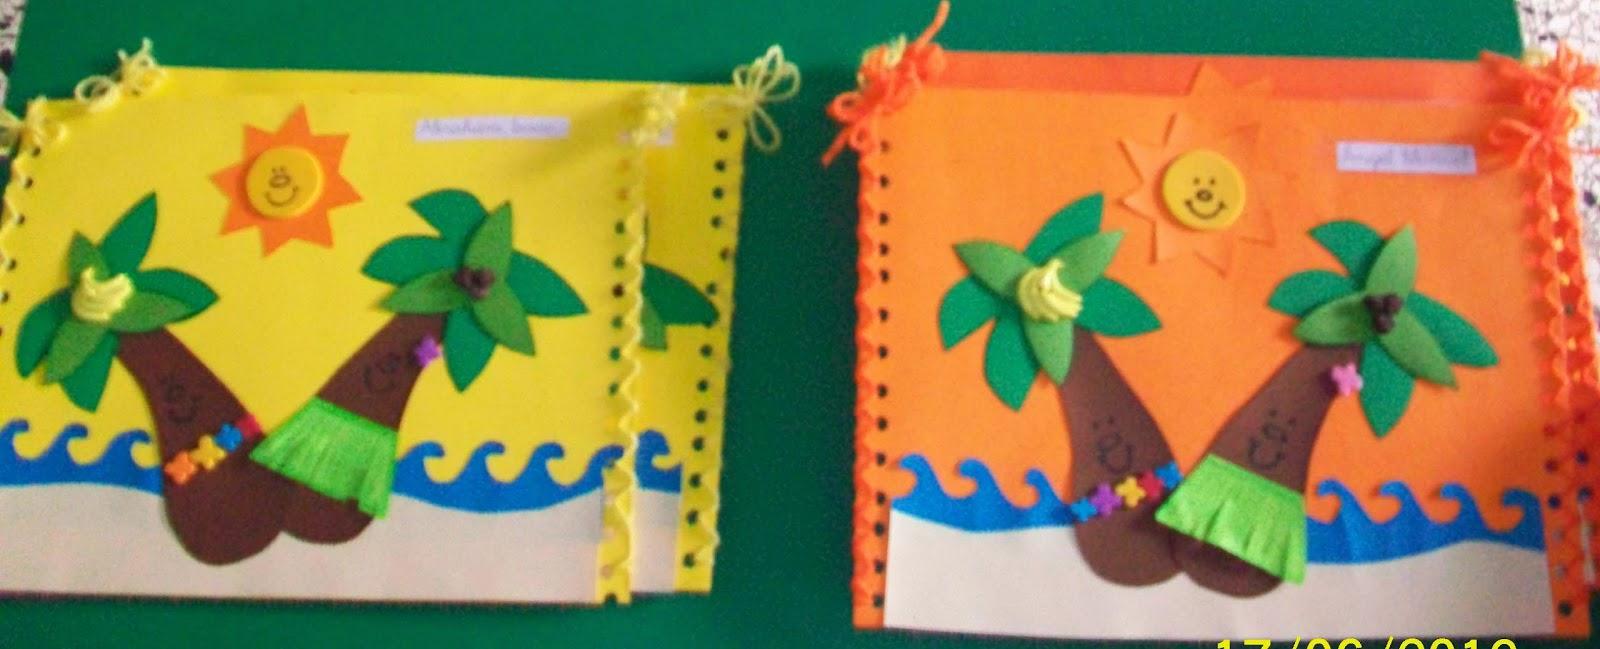 Manualidades: Carpetas escolares decoradas ~ Guía de Educación